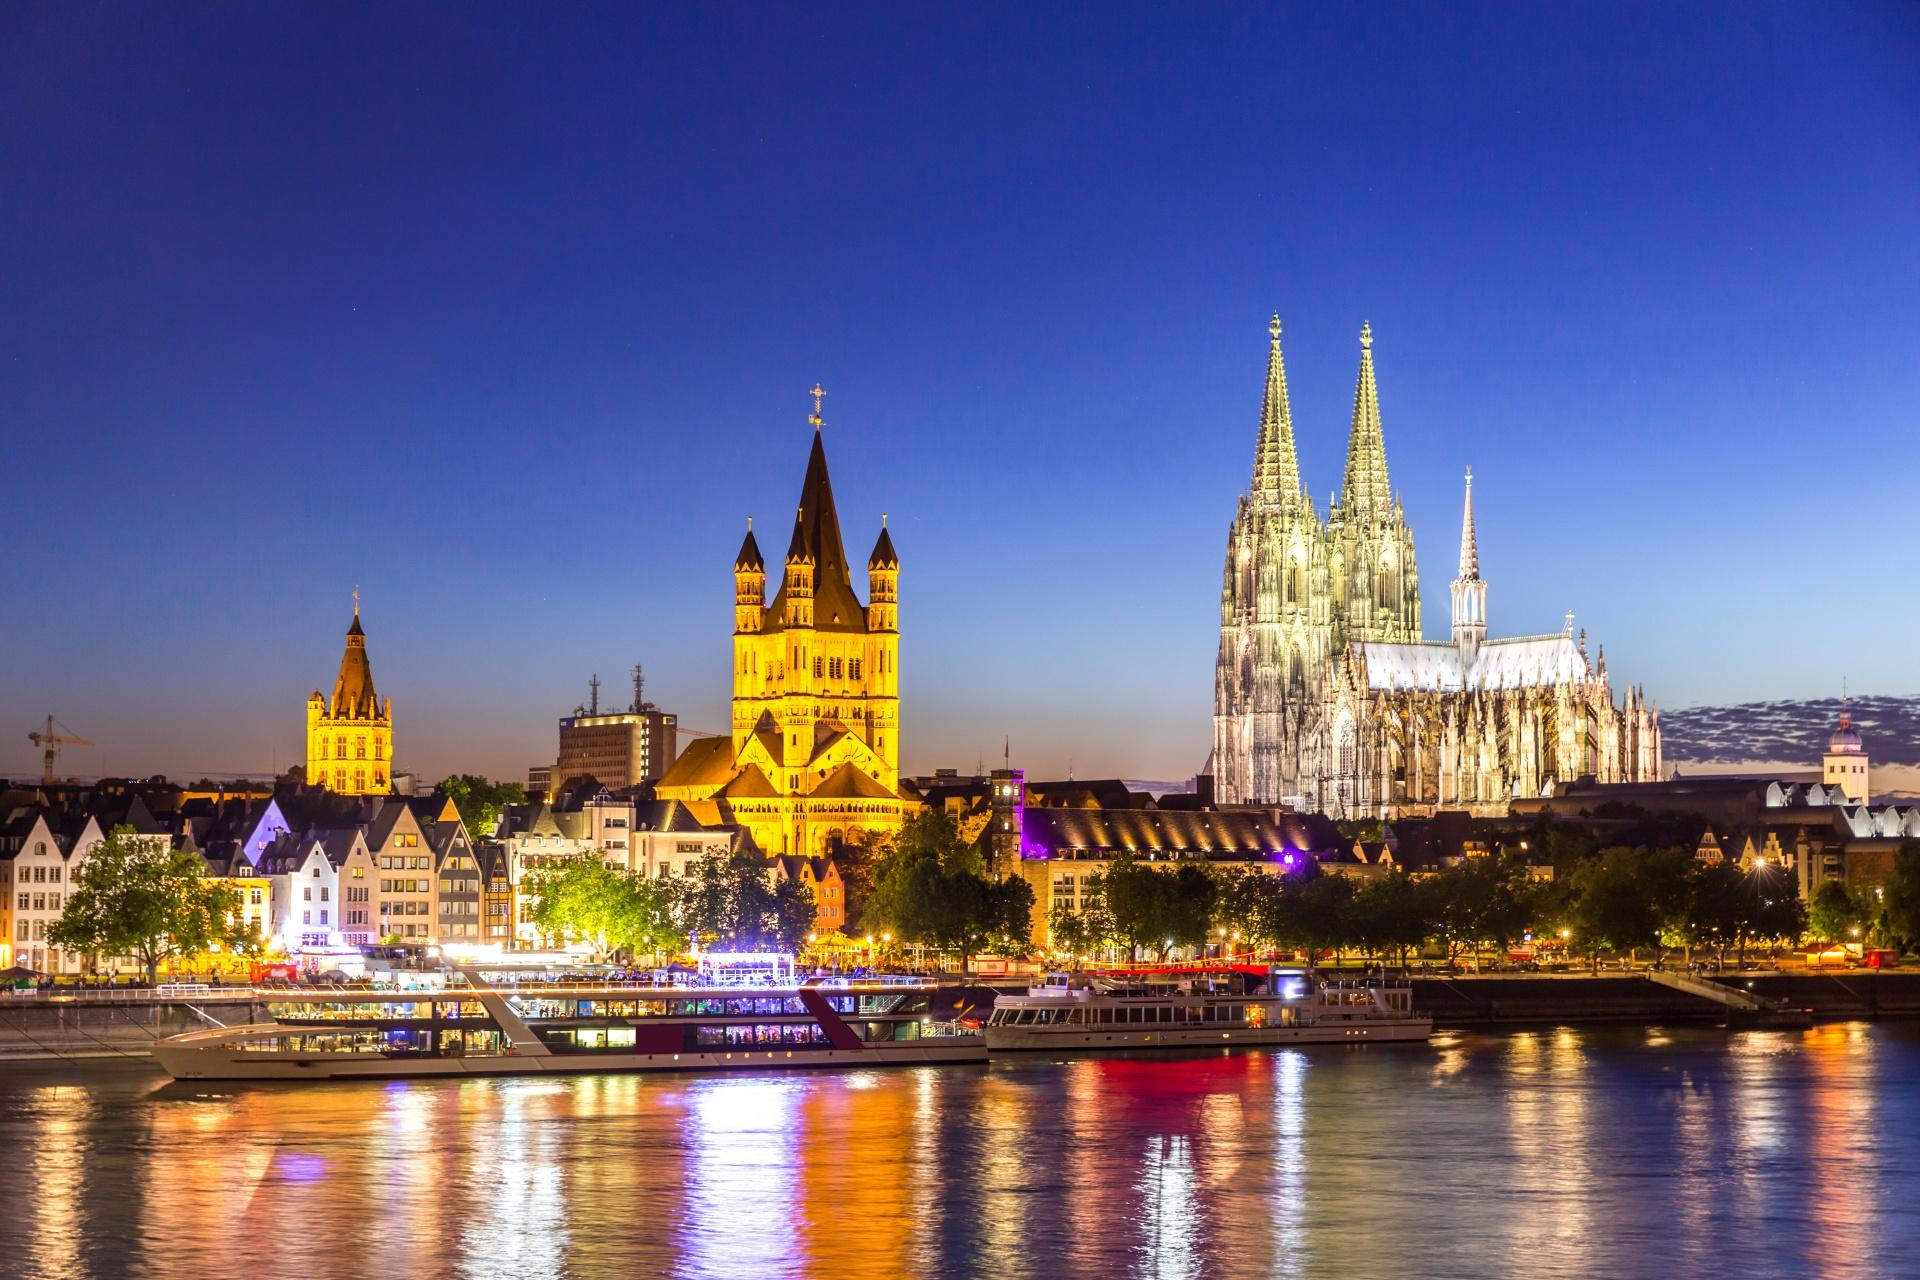 夜のケルン大聖堂 ドイツの風景